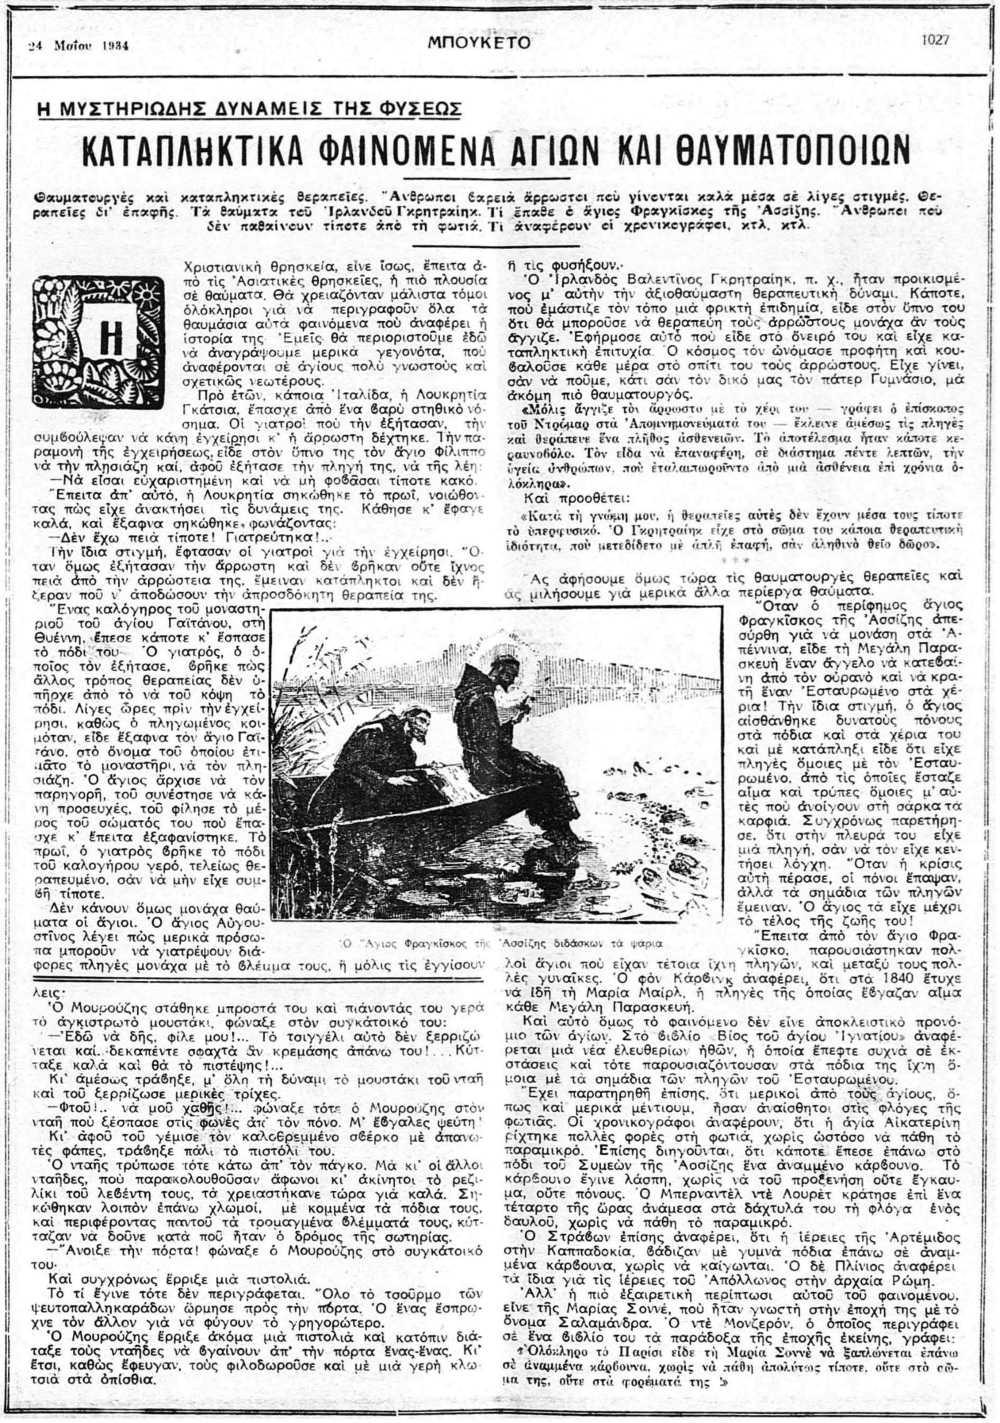 """Το άρθρο, όπως δημοσιεύθηκε στο περιοδικό """"ΜΠΟΥΚΕΤΟ"""", στις 24/05/1934"""